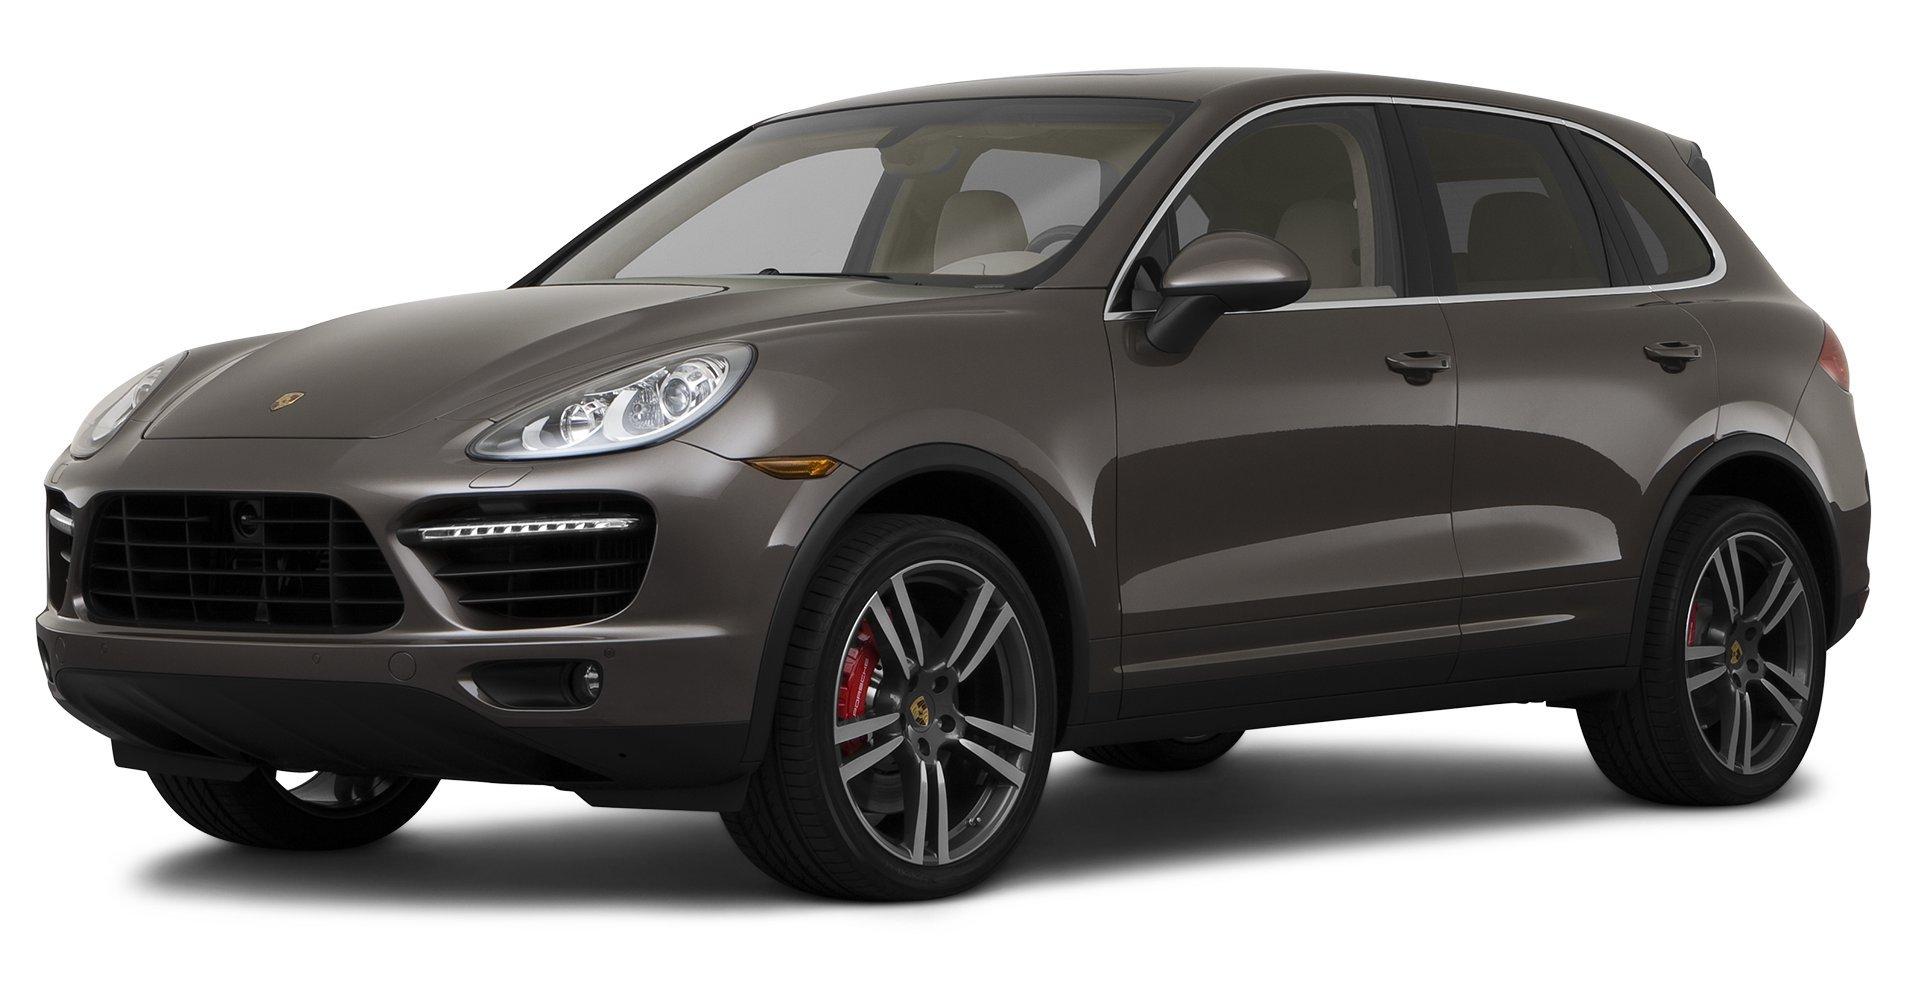 2011 Porsche Cayenne Turbo, All Wheel Drive 4,Door, Umber Metallic